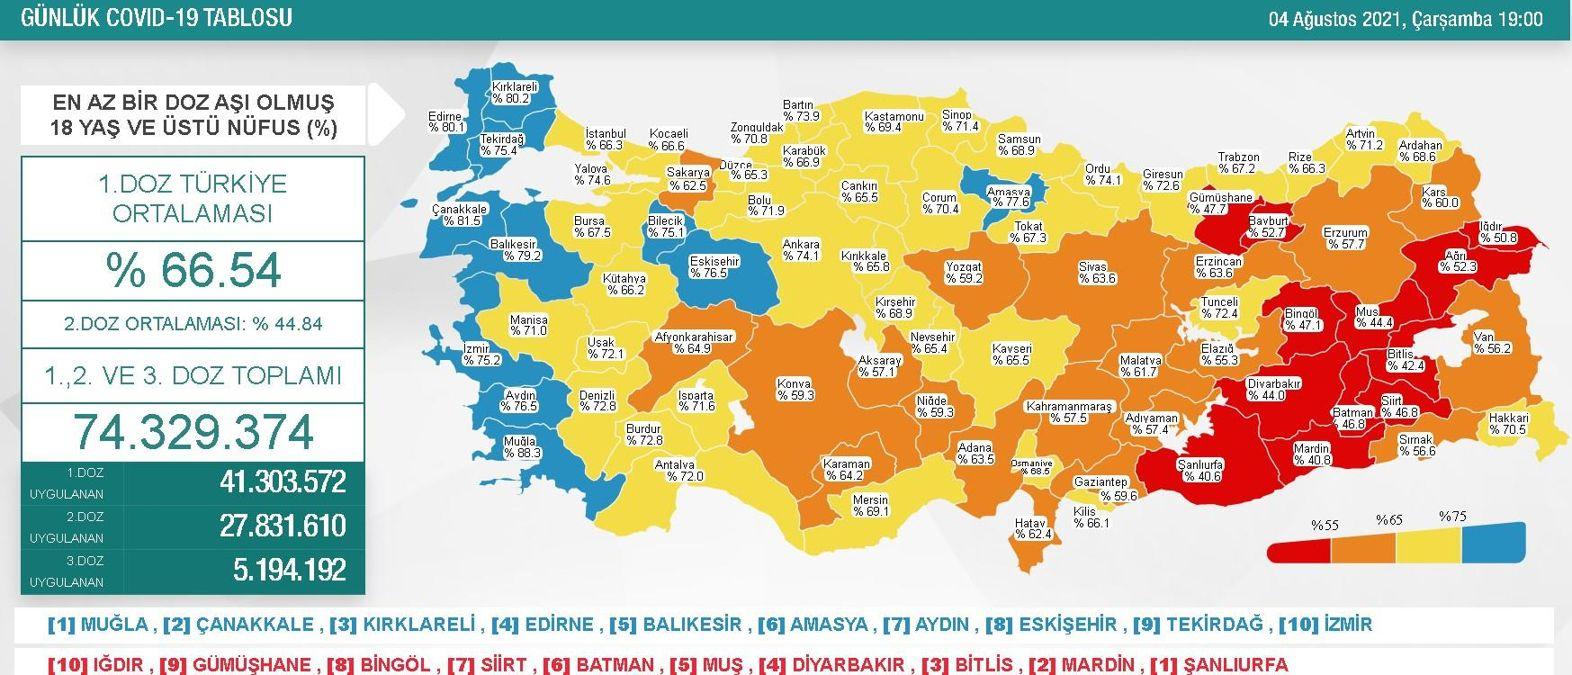 4 Ağustos Çarşamba Koronavirüs tablosu açıklandı! 4 Ağustos Çarşamba günü Türkiye'de bugün koronavirüsten kaç kişi öldü, kaç kişi iyileşti?